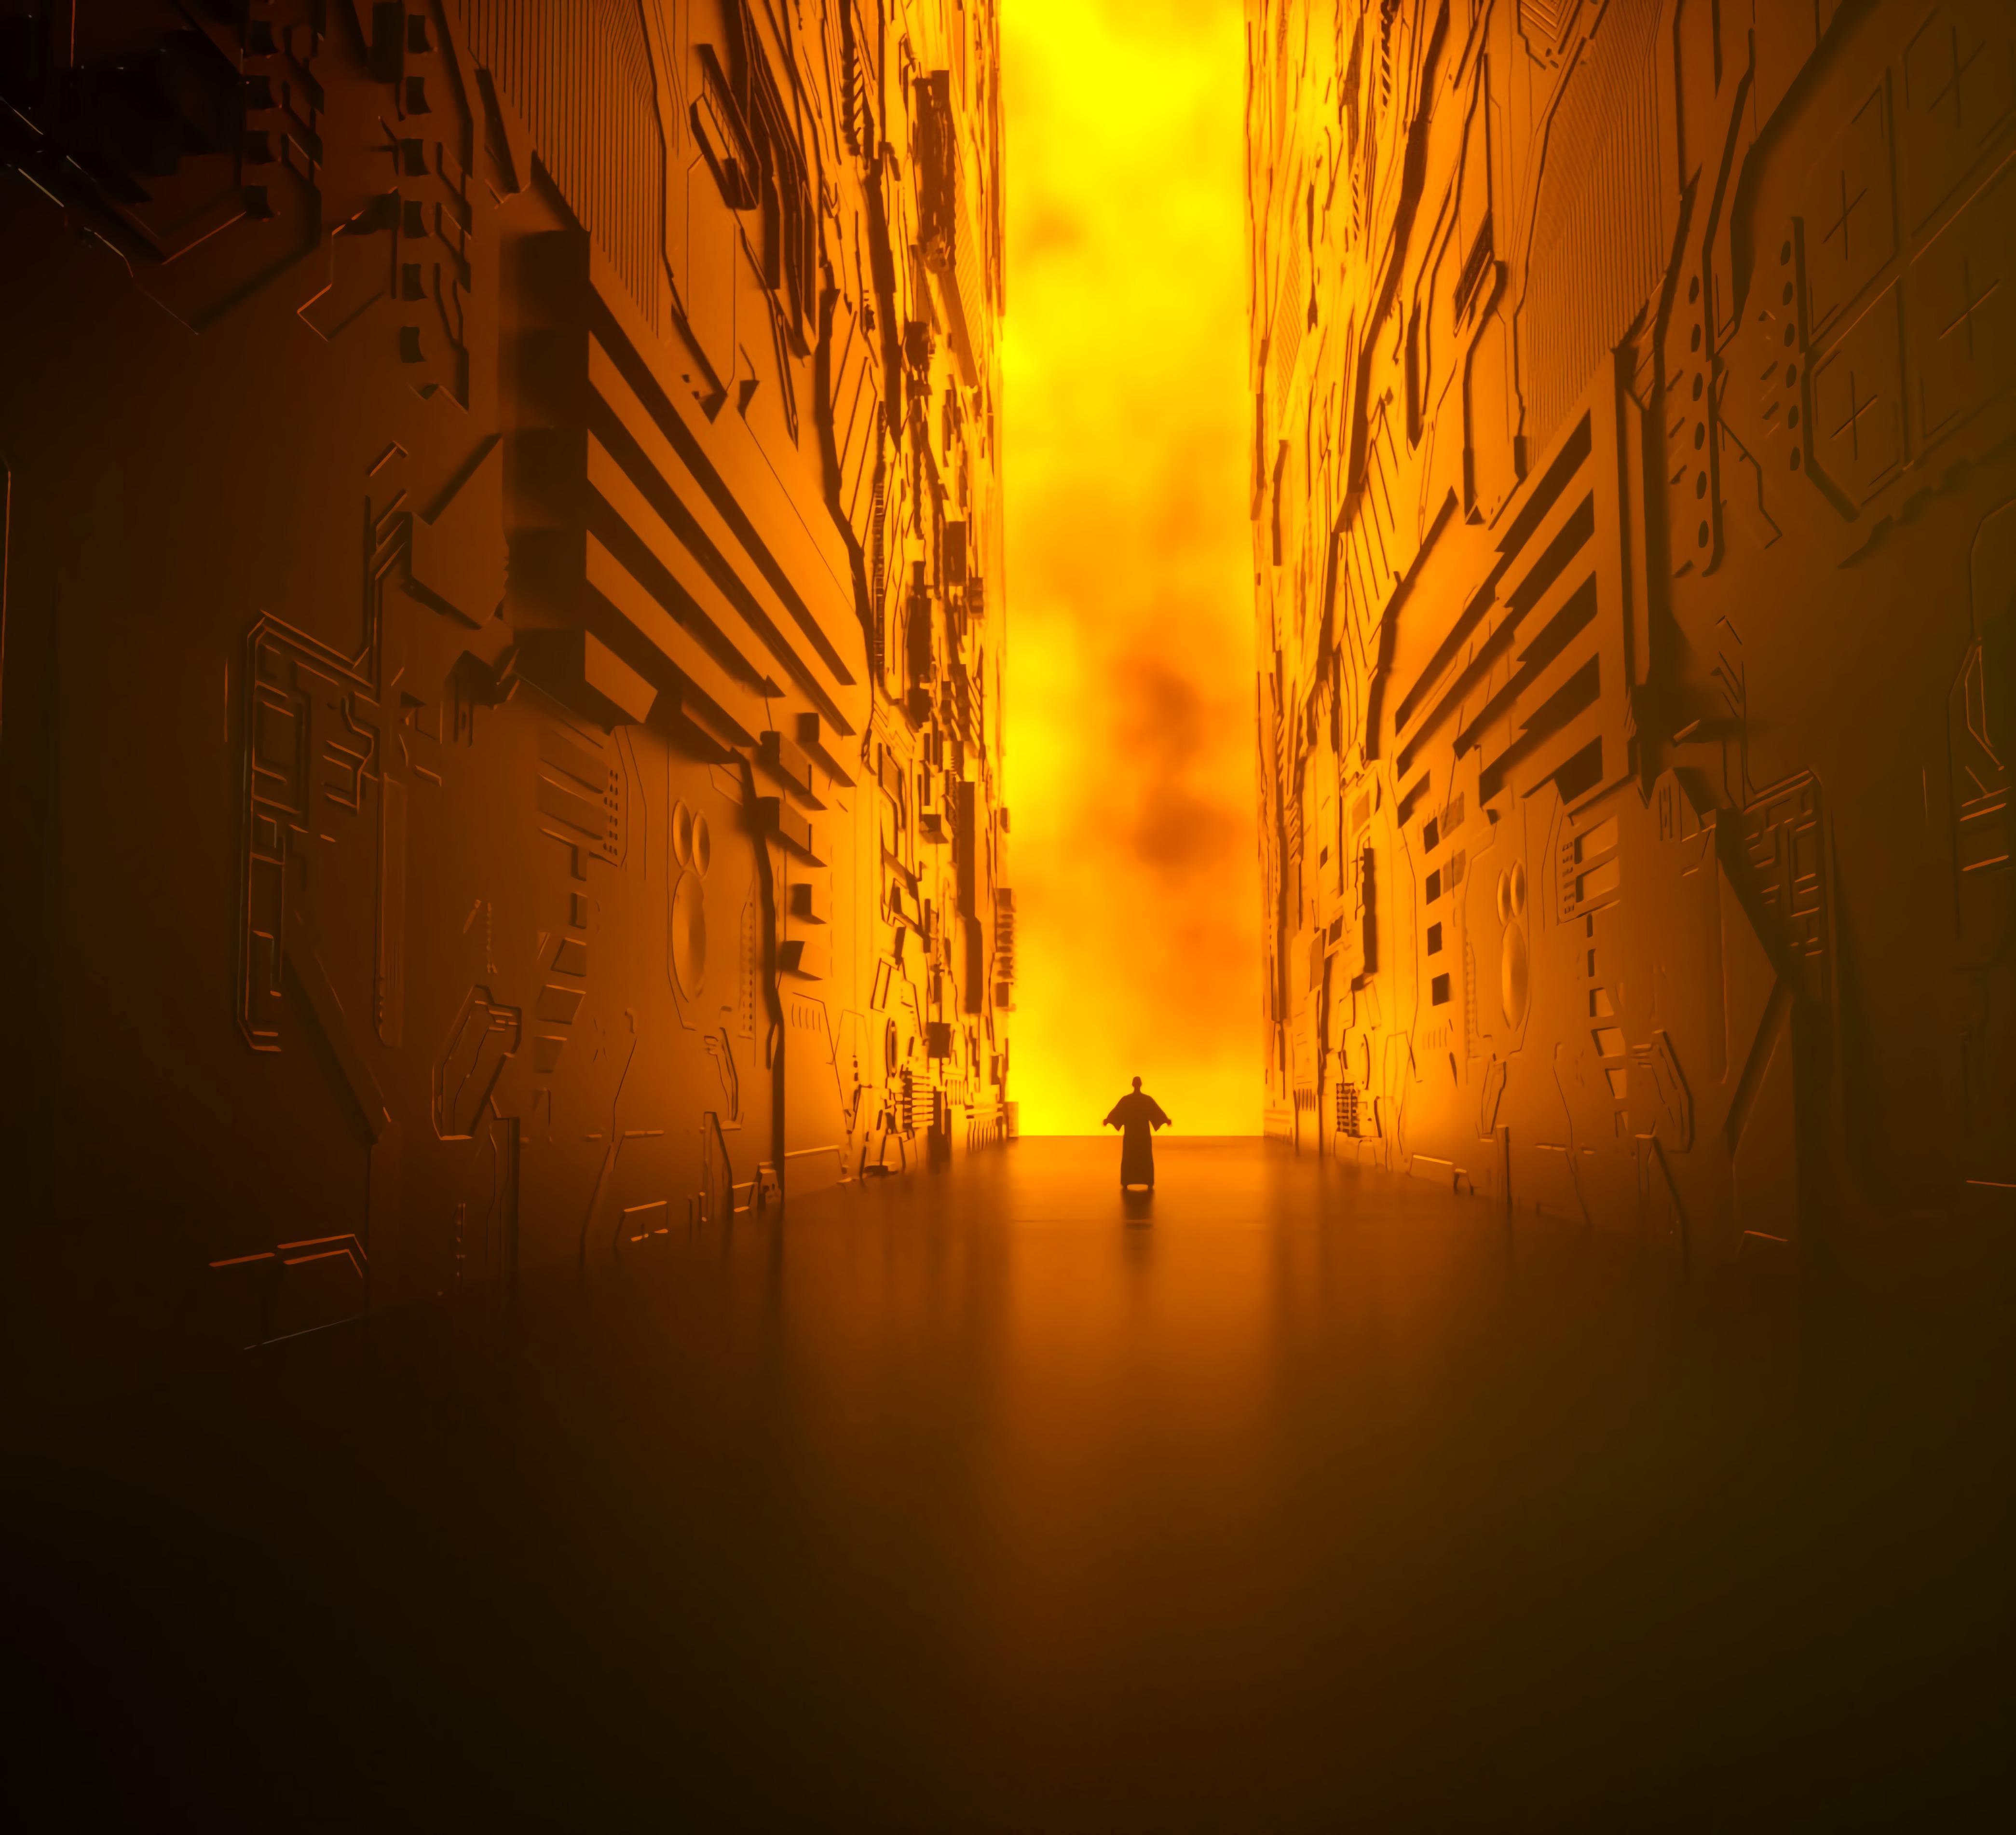 106568 免費下載壁紙 杂项, 走廊, 轮廓, 剪影, 辉光, 发光, 火, 闪耀, 光, 墙 屏保和圖片